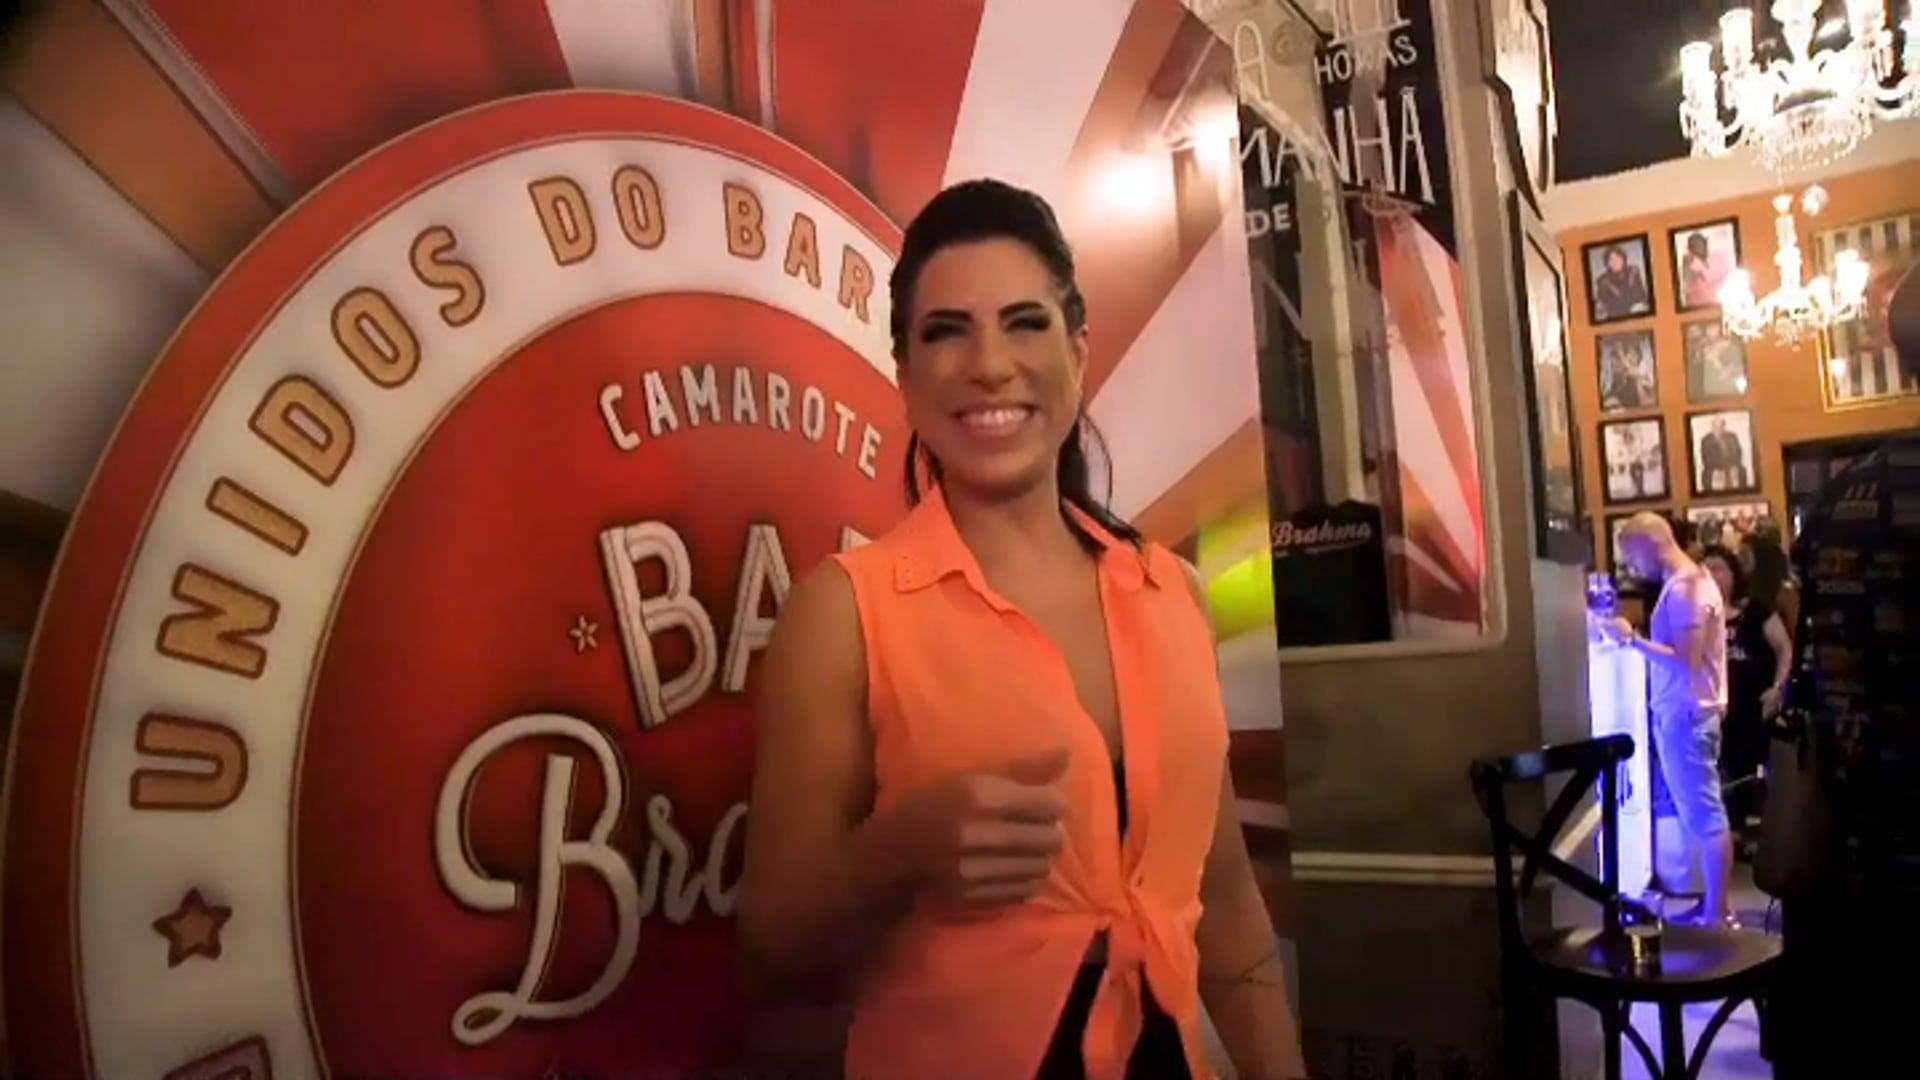 Esquenta para o carnaval 2019 - Camarote Bar Brahma - O MAIOR CARNAVAL DO BRASIL